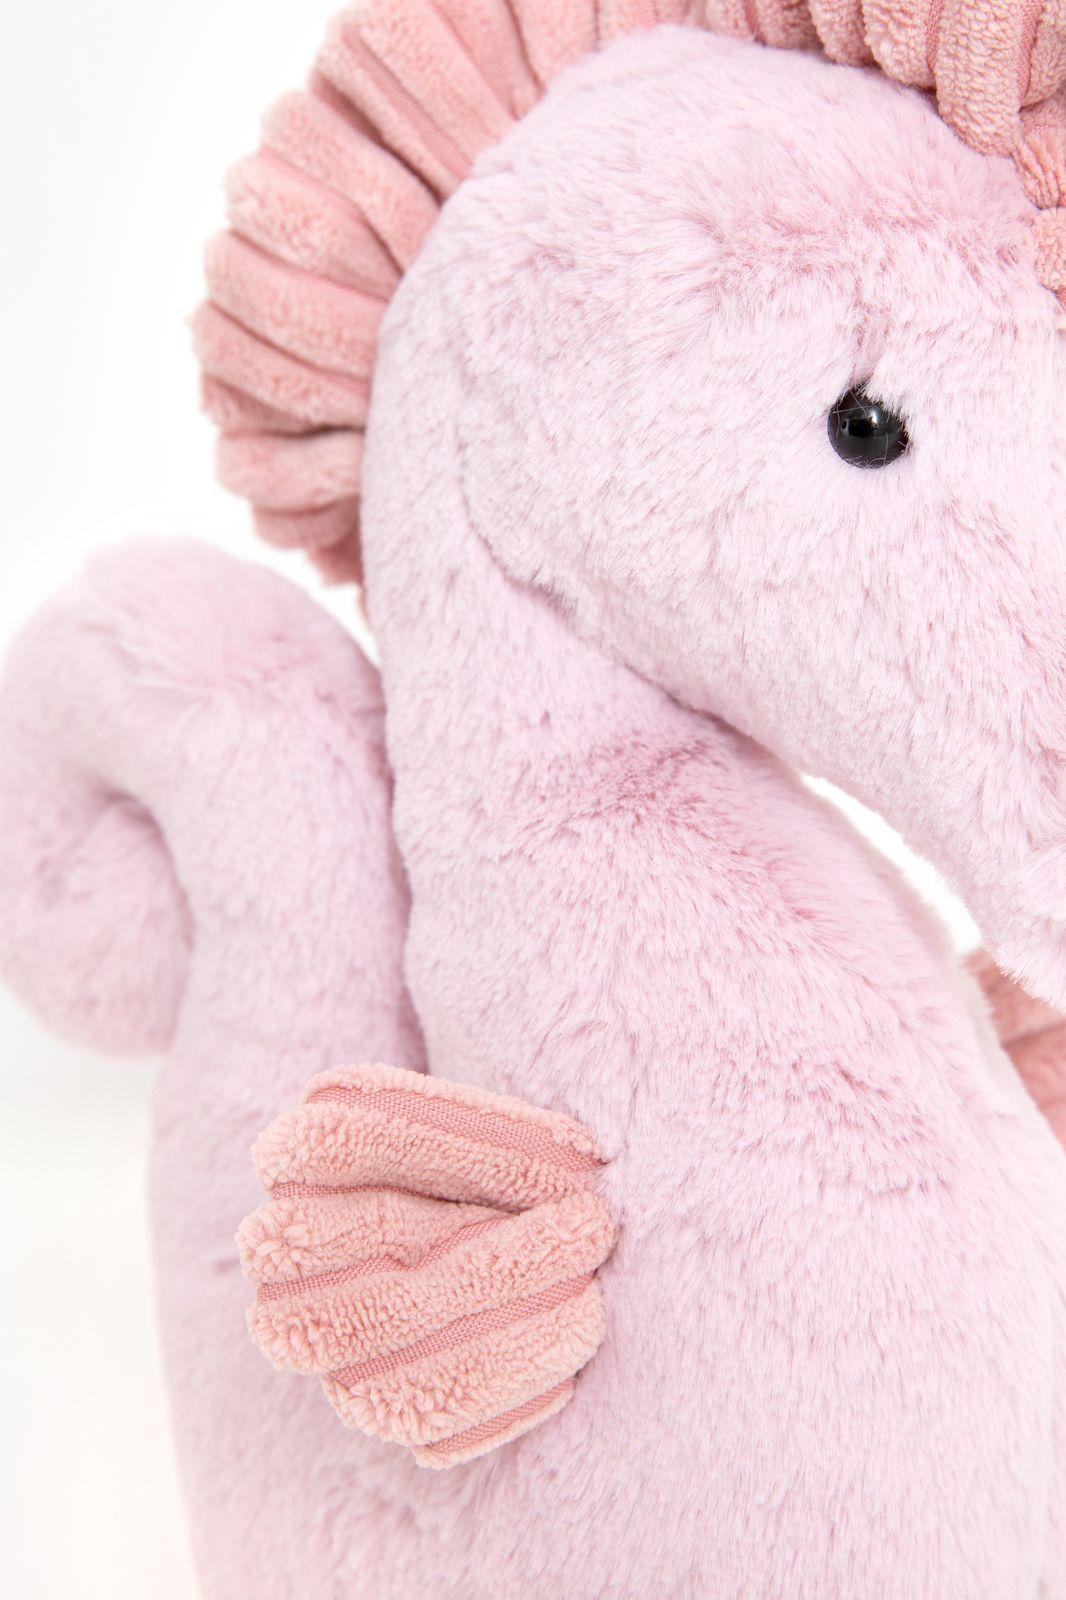 Jellycat zeepaard knuffel - Homeland | Sissy-Boy